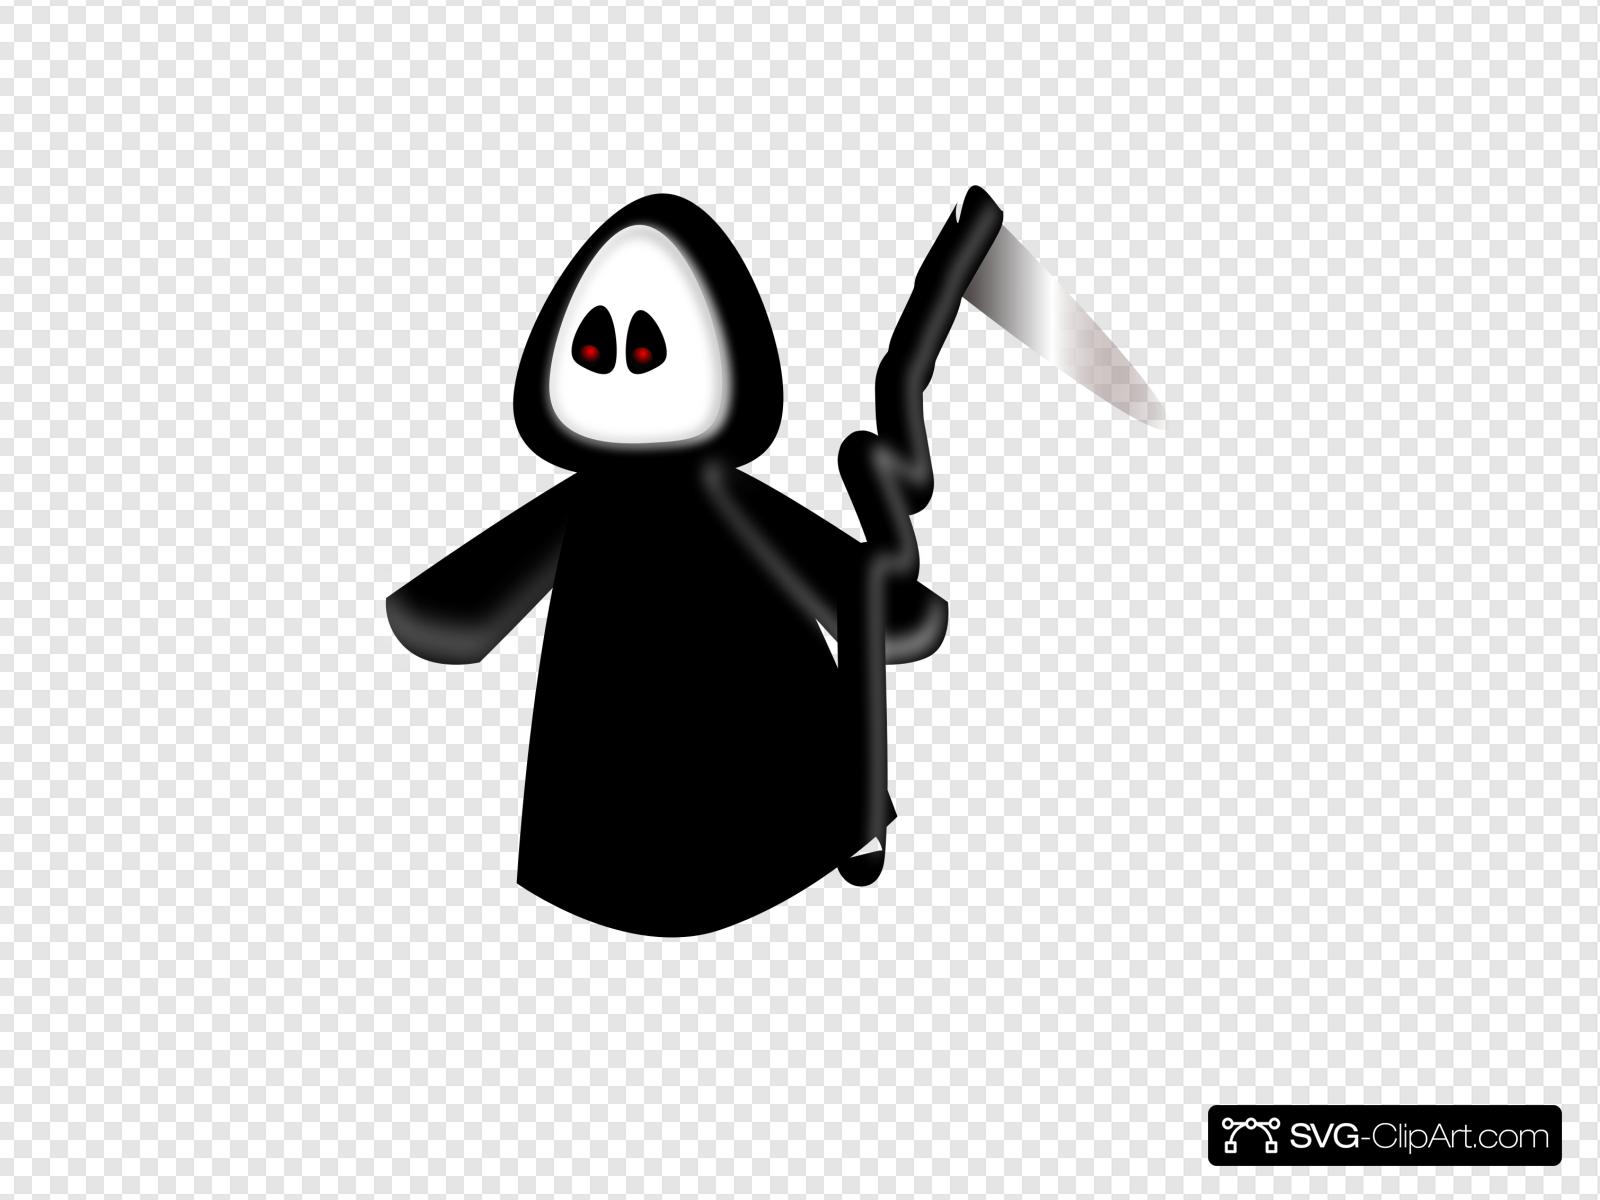 Death Clip art, Icon and SVG.